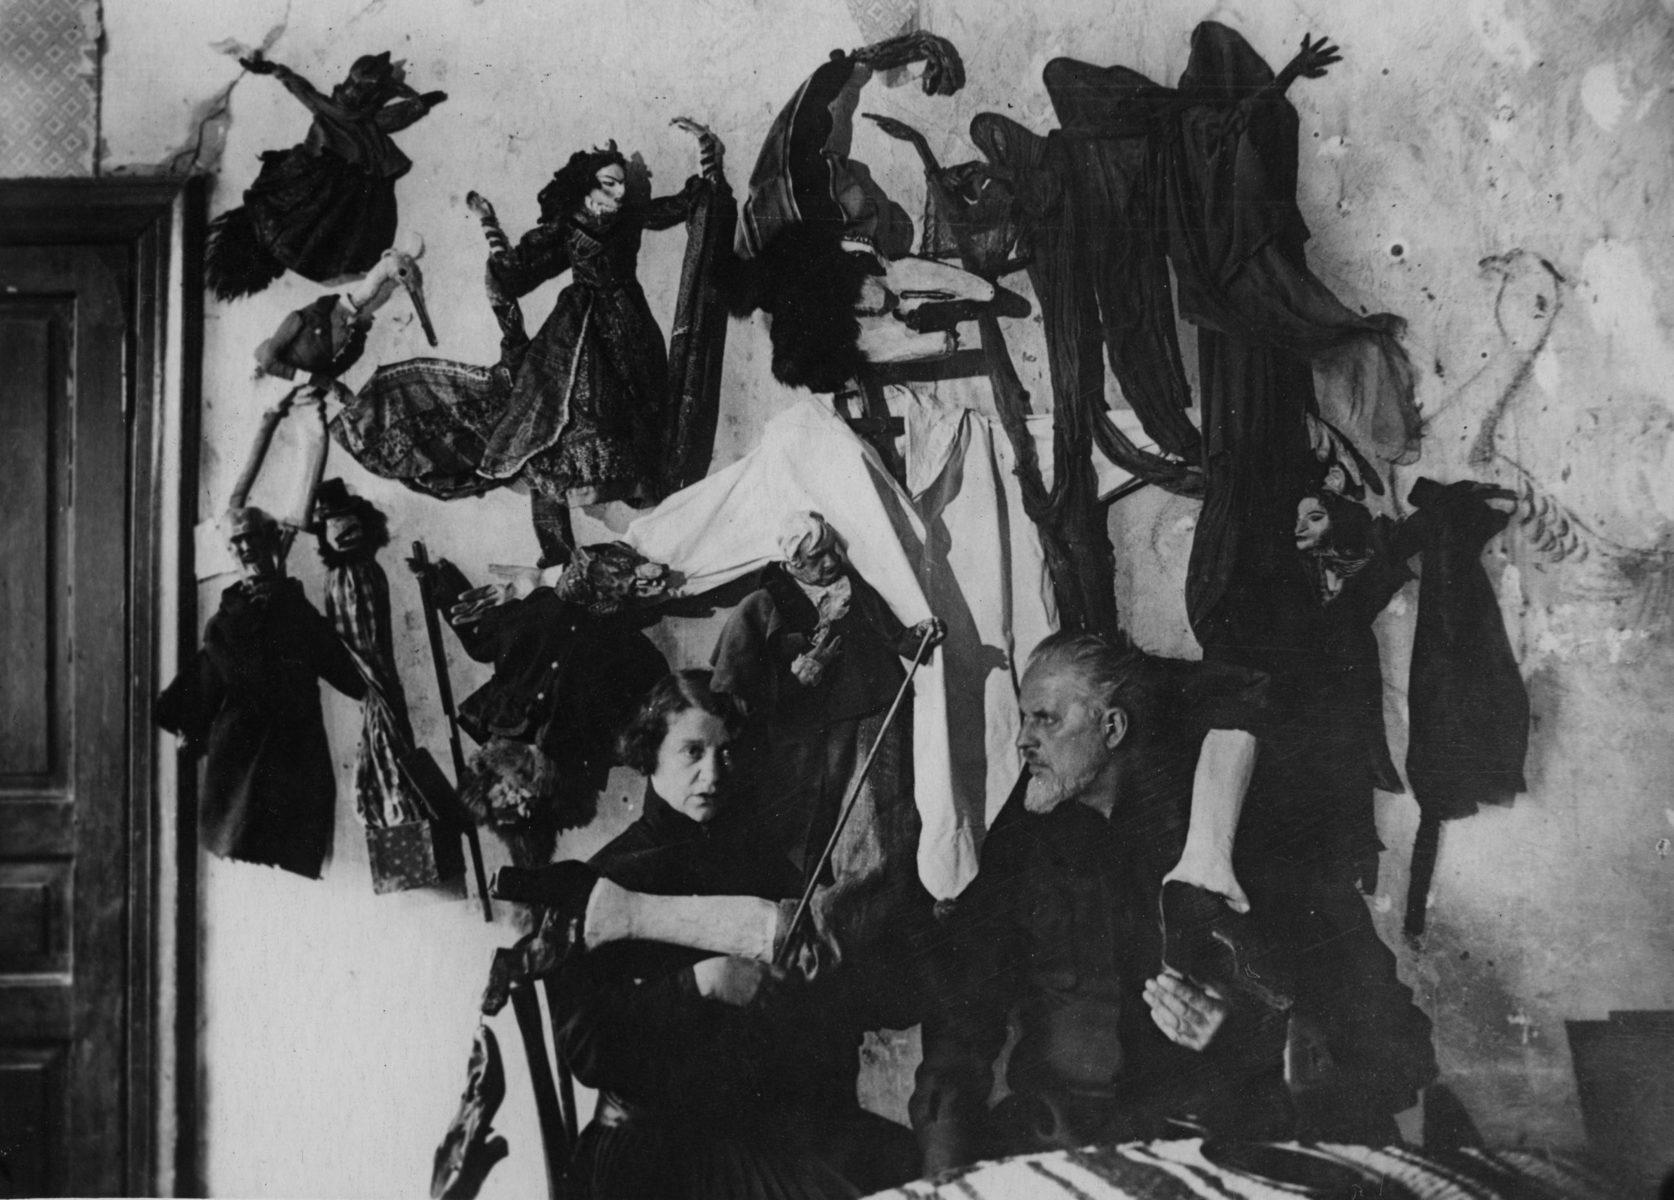 Выставка «Кукольный театр: от ритуала к развлечению» в Исторической библиотеке России – события на сайте «Московские Сезоны»